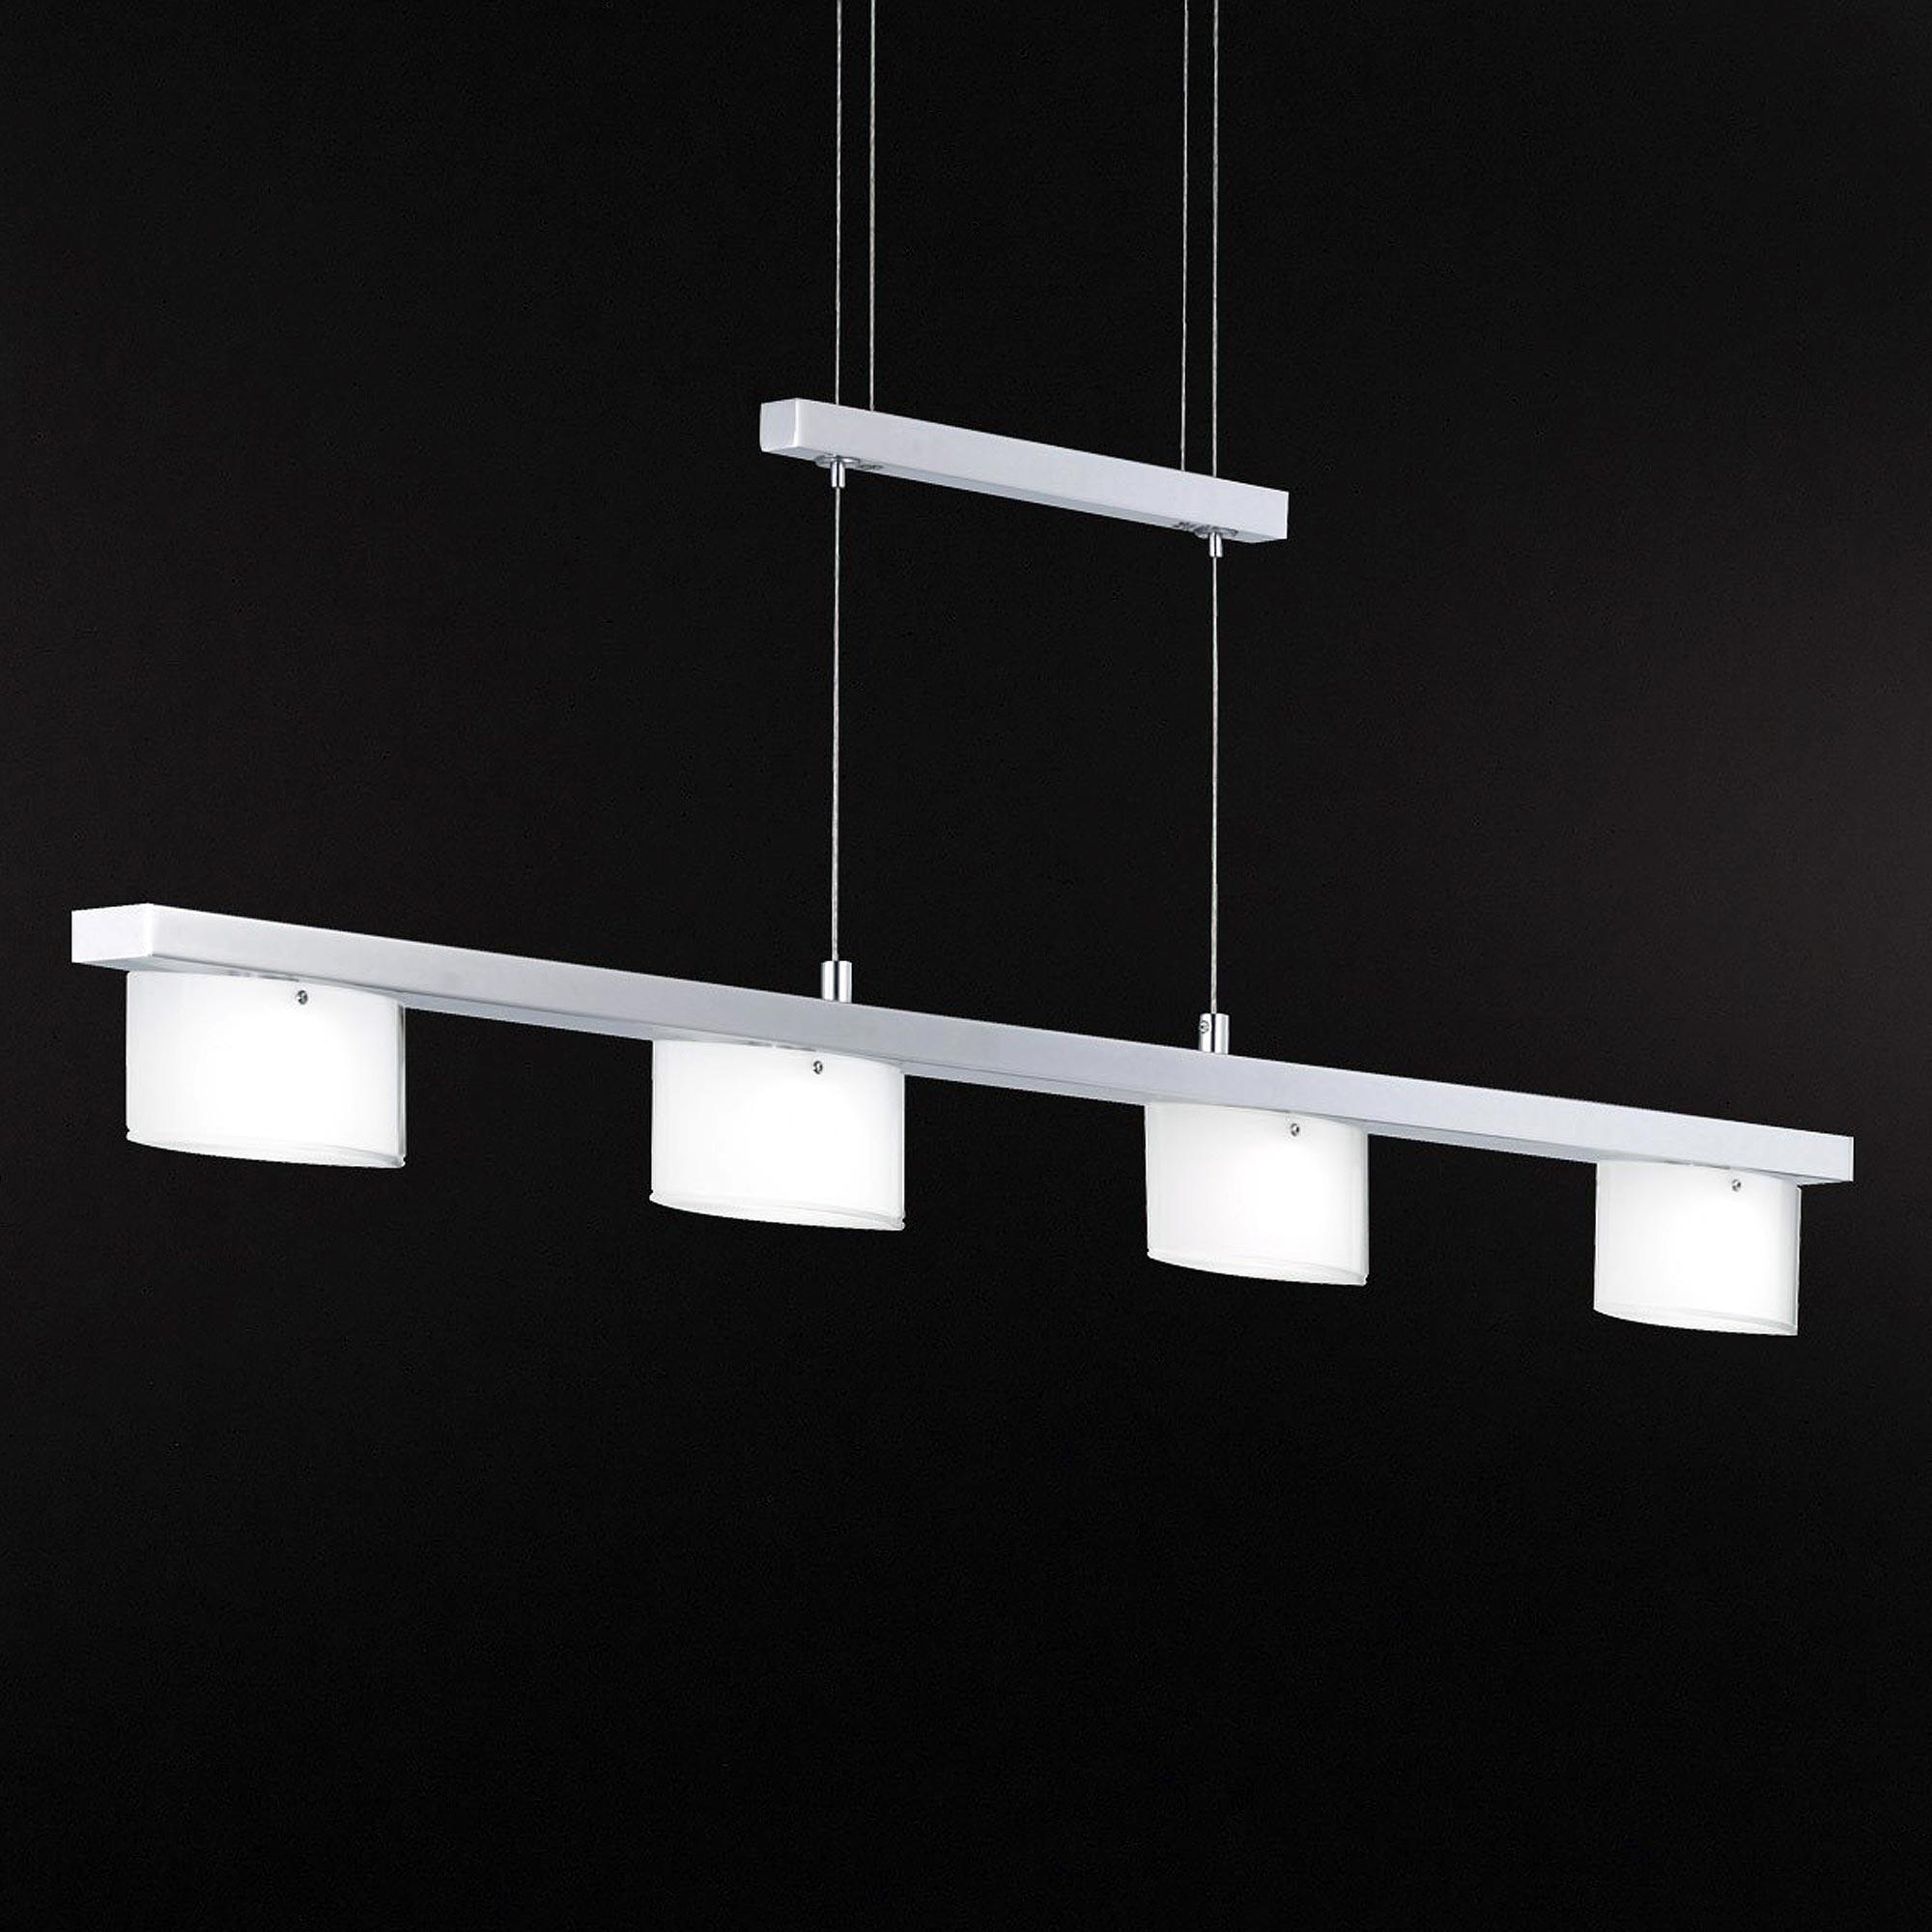 wofi led pendelleuchte avance 4 flg chrom glas wei. Black Bedroom Furniture Sets. Home Design Ideas